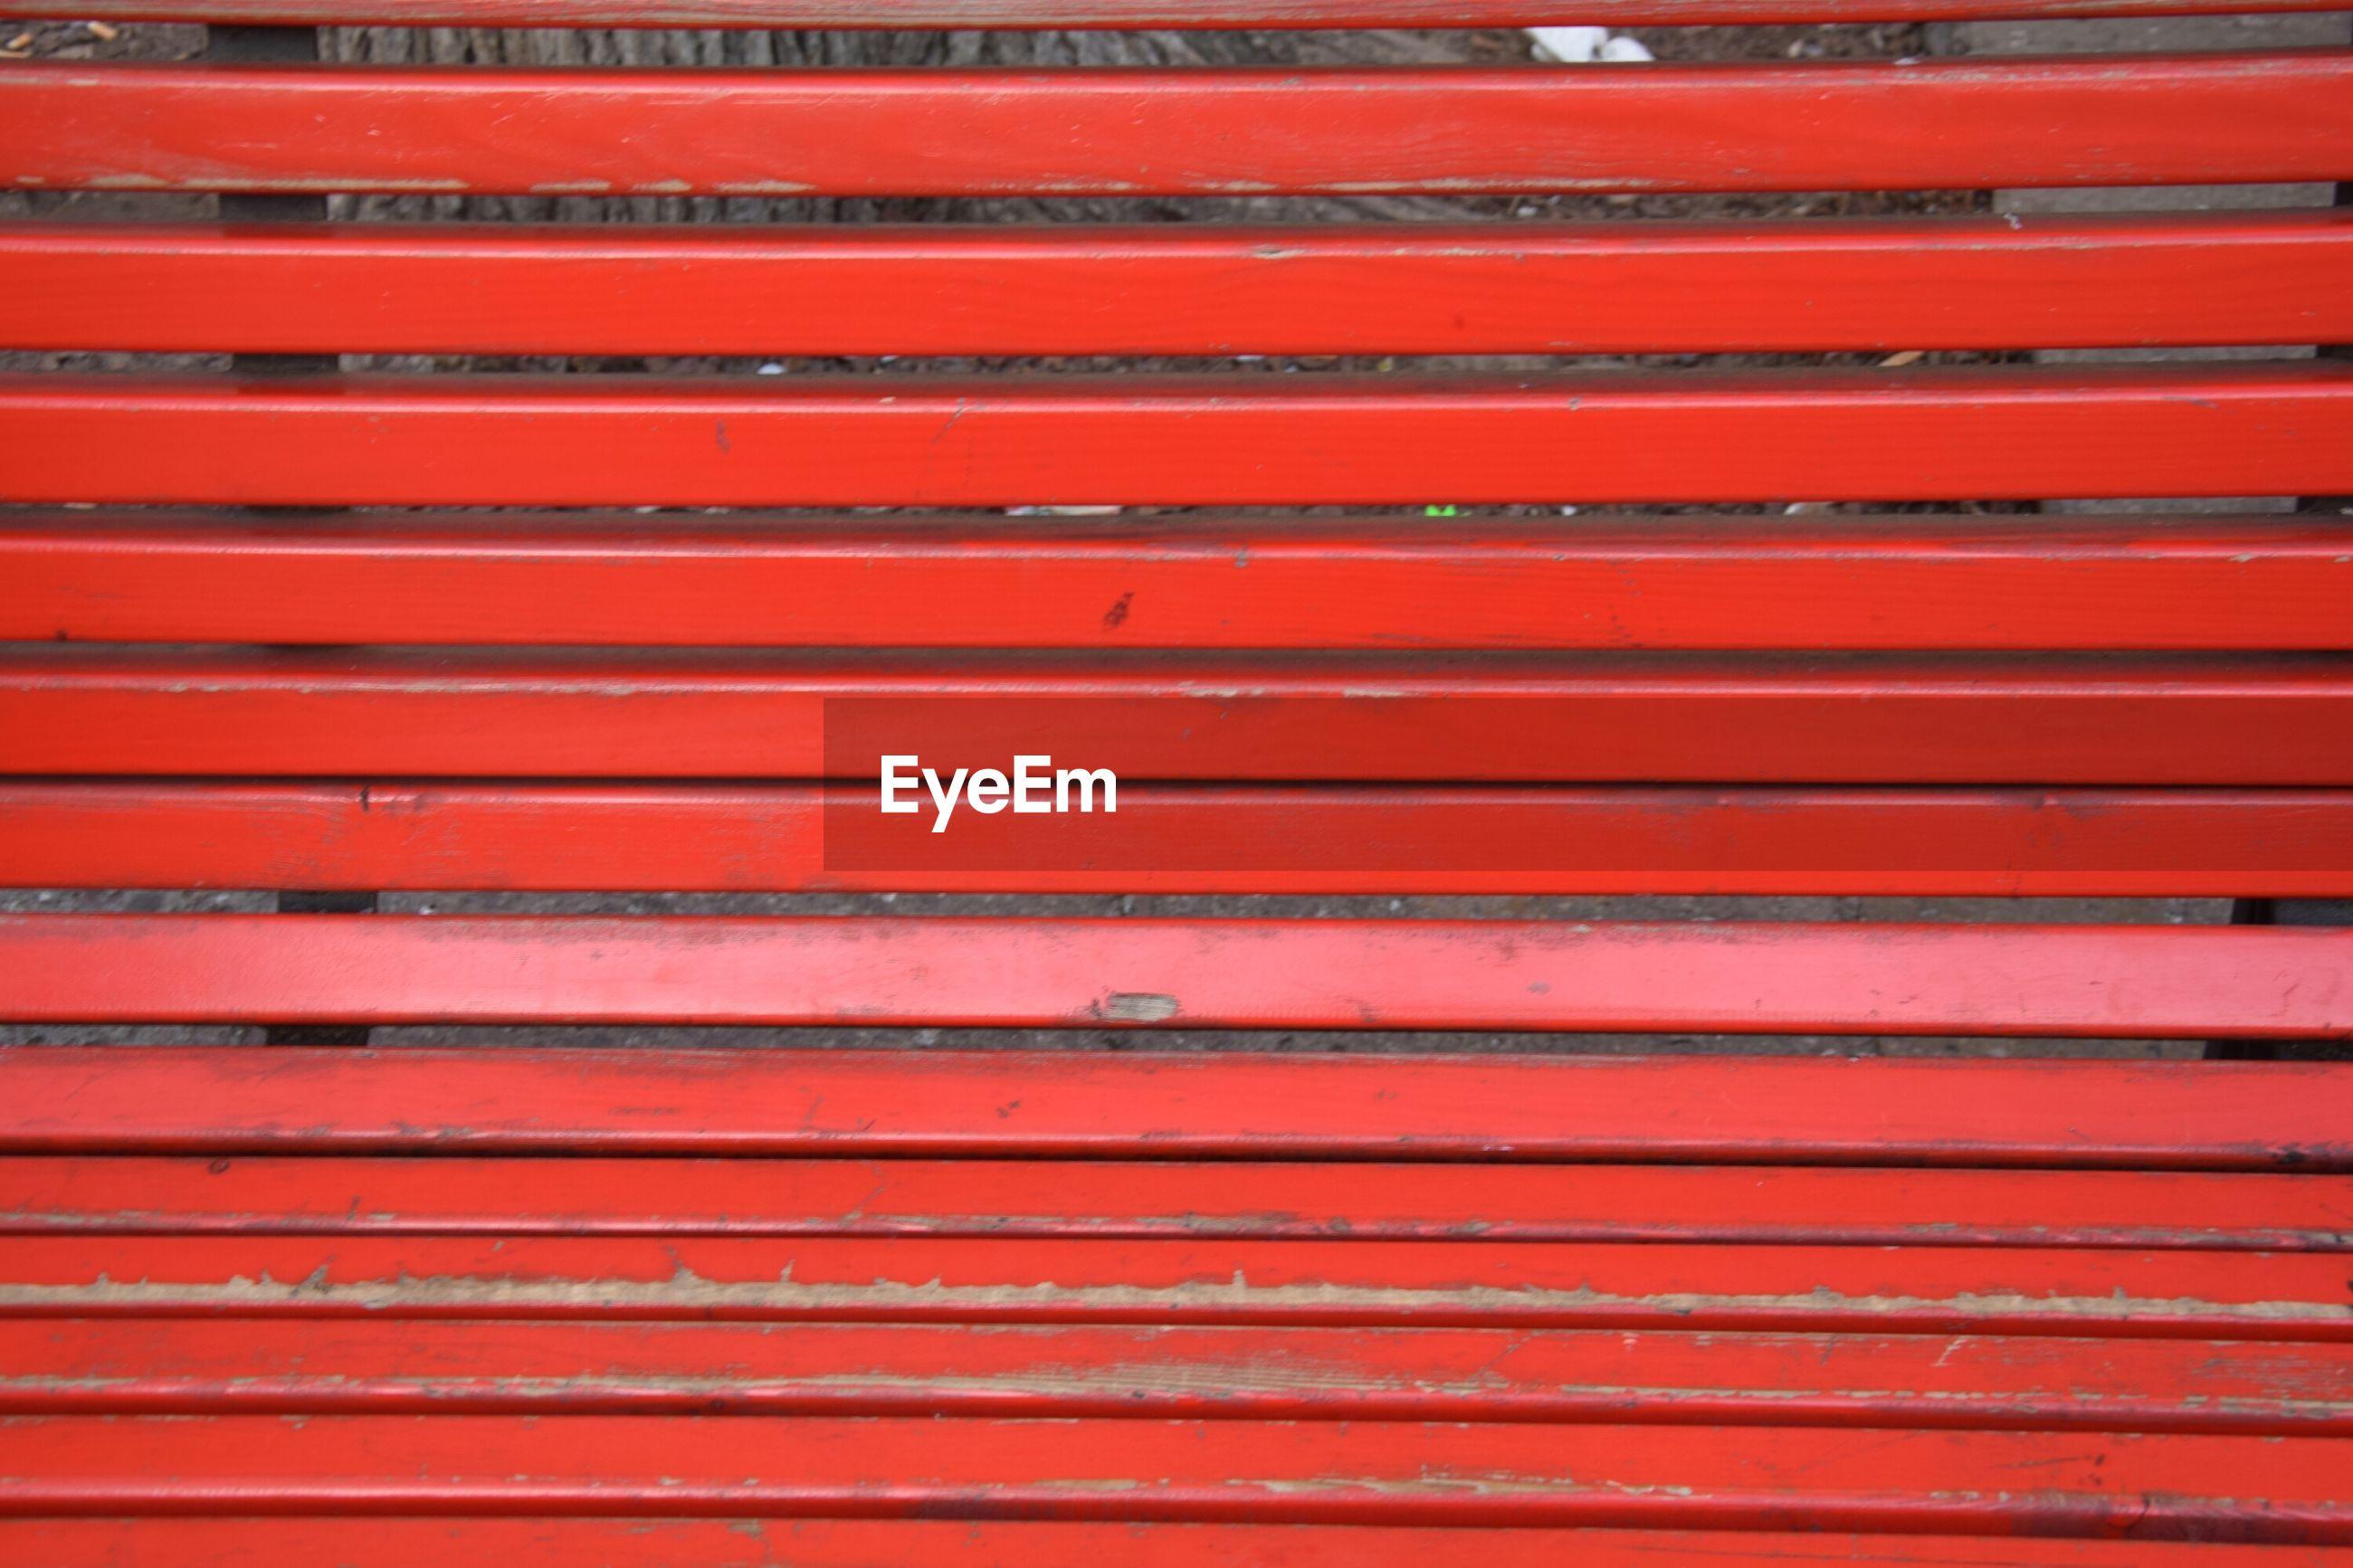 Full frame shot of red bench